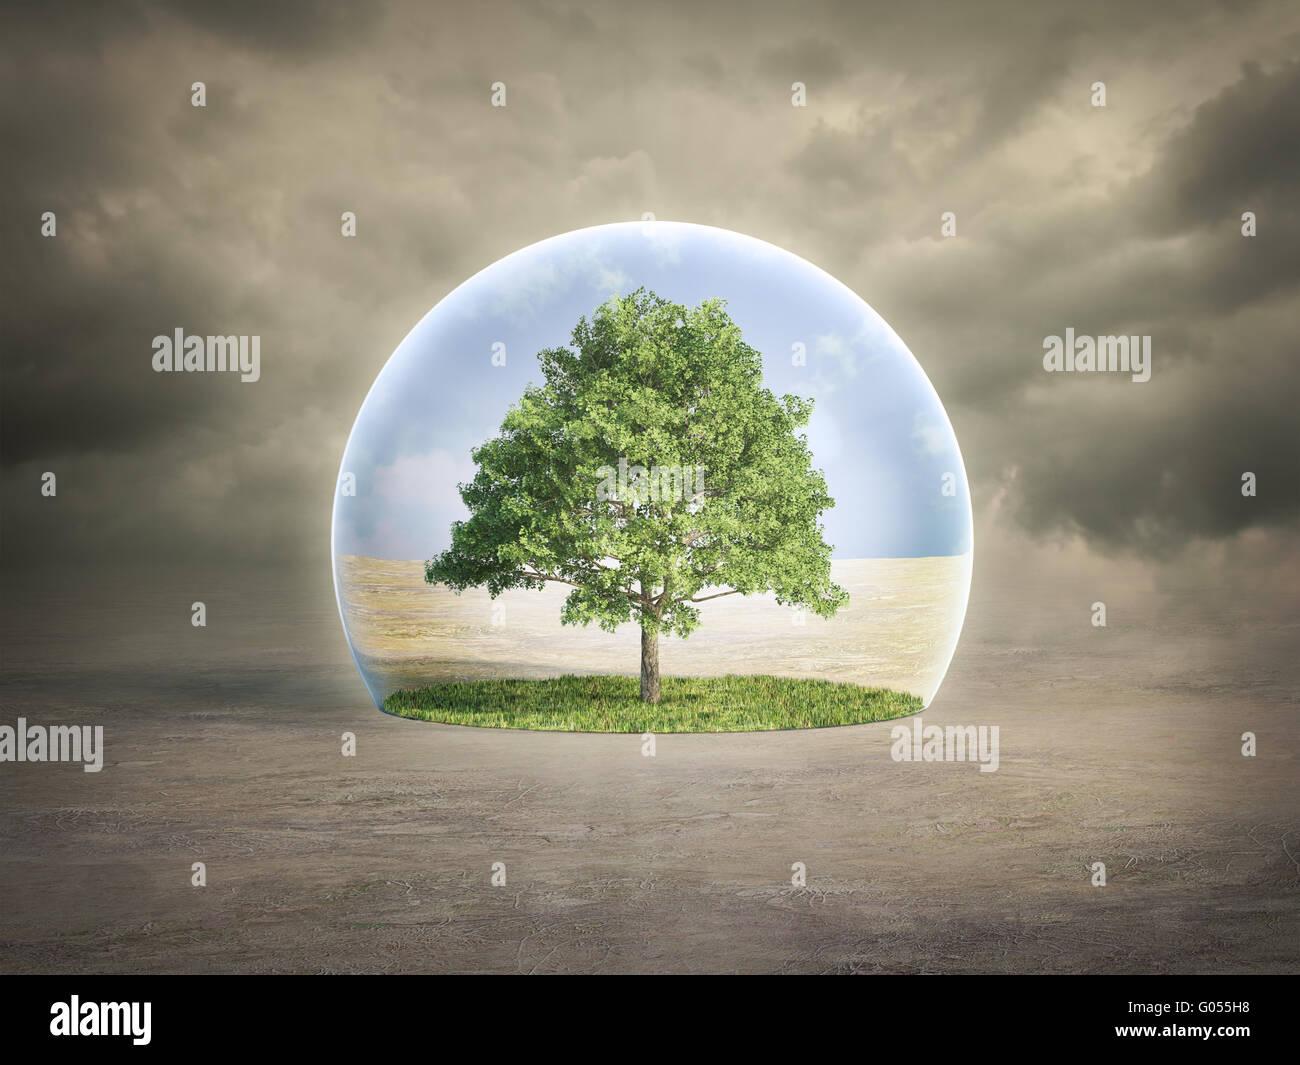 Concept de protection de l'environnement - arbre dans une bulle Photo Stock